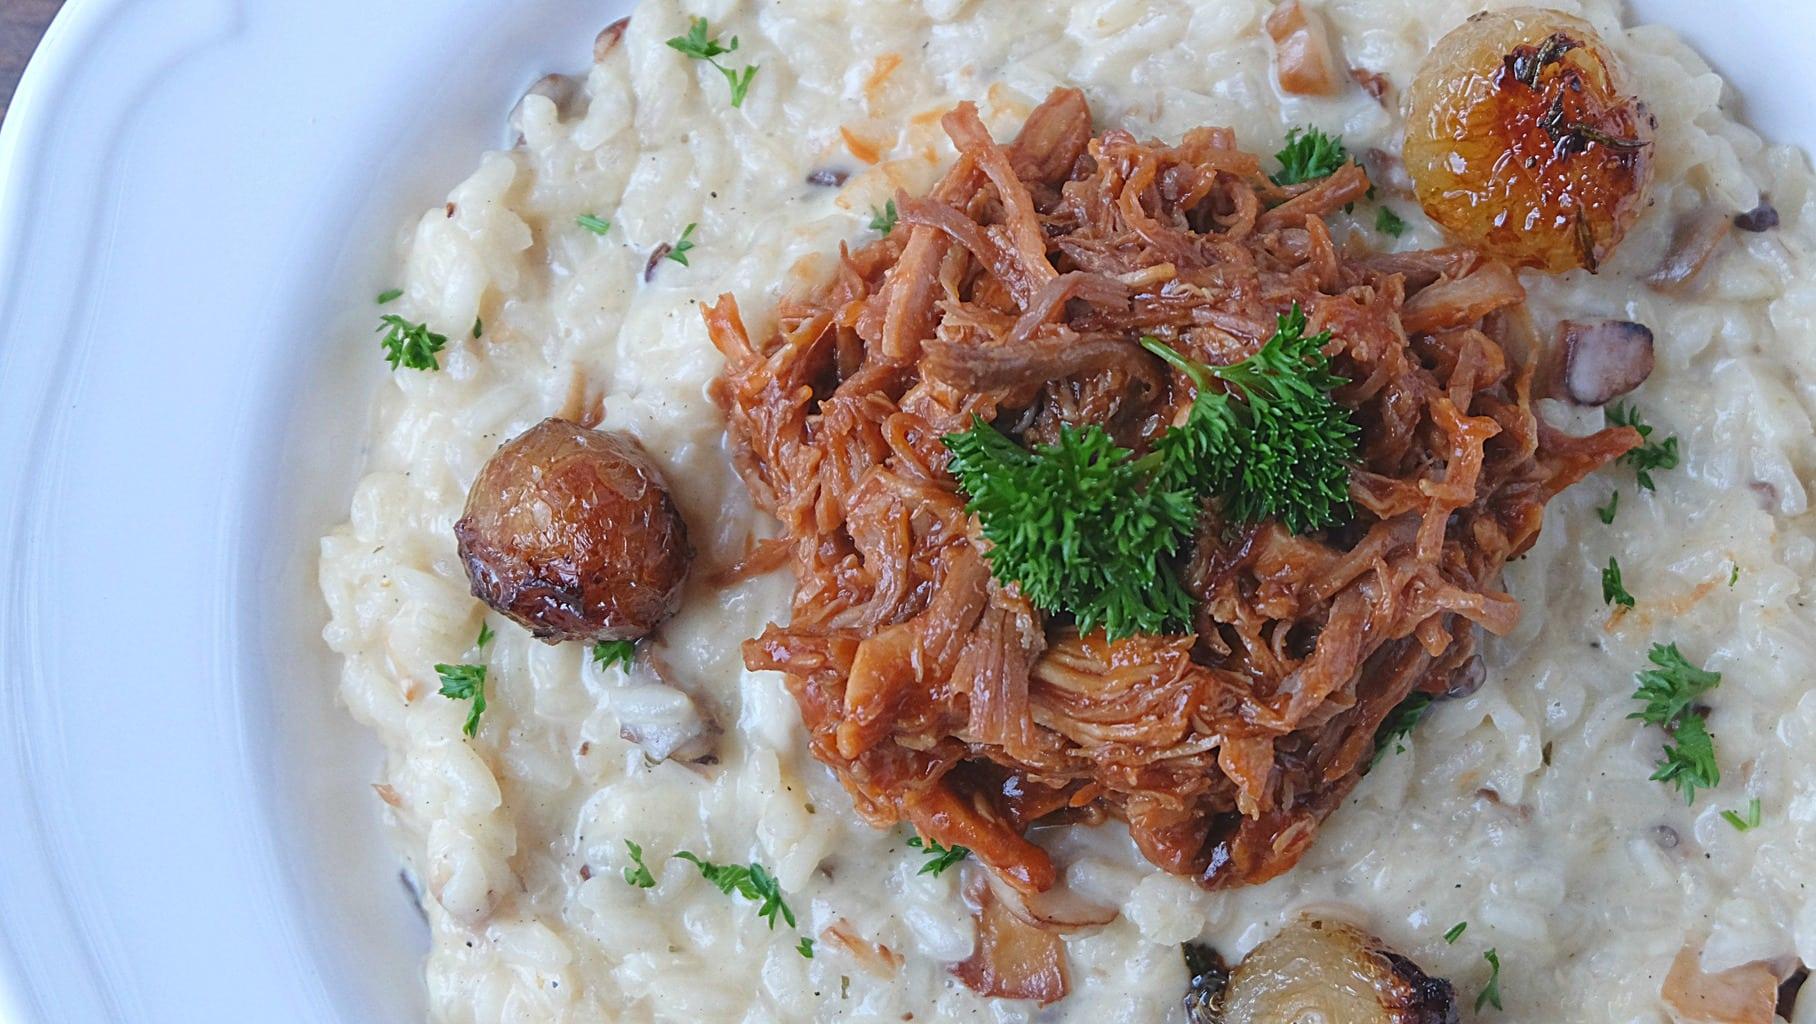 risotto-oignon-et-porc-effiloche